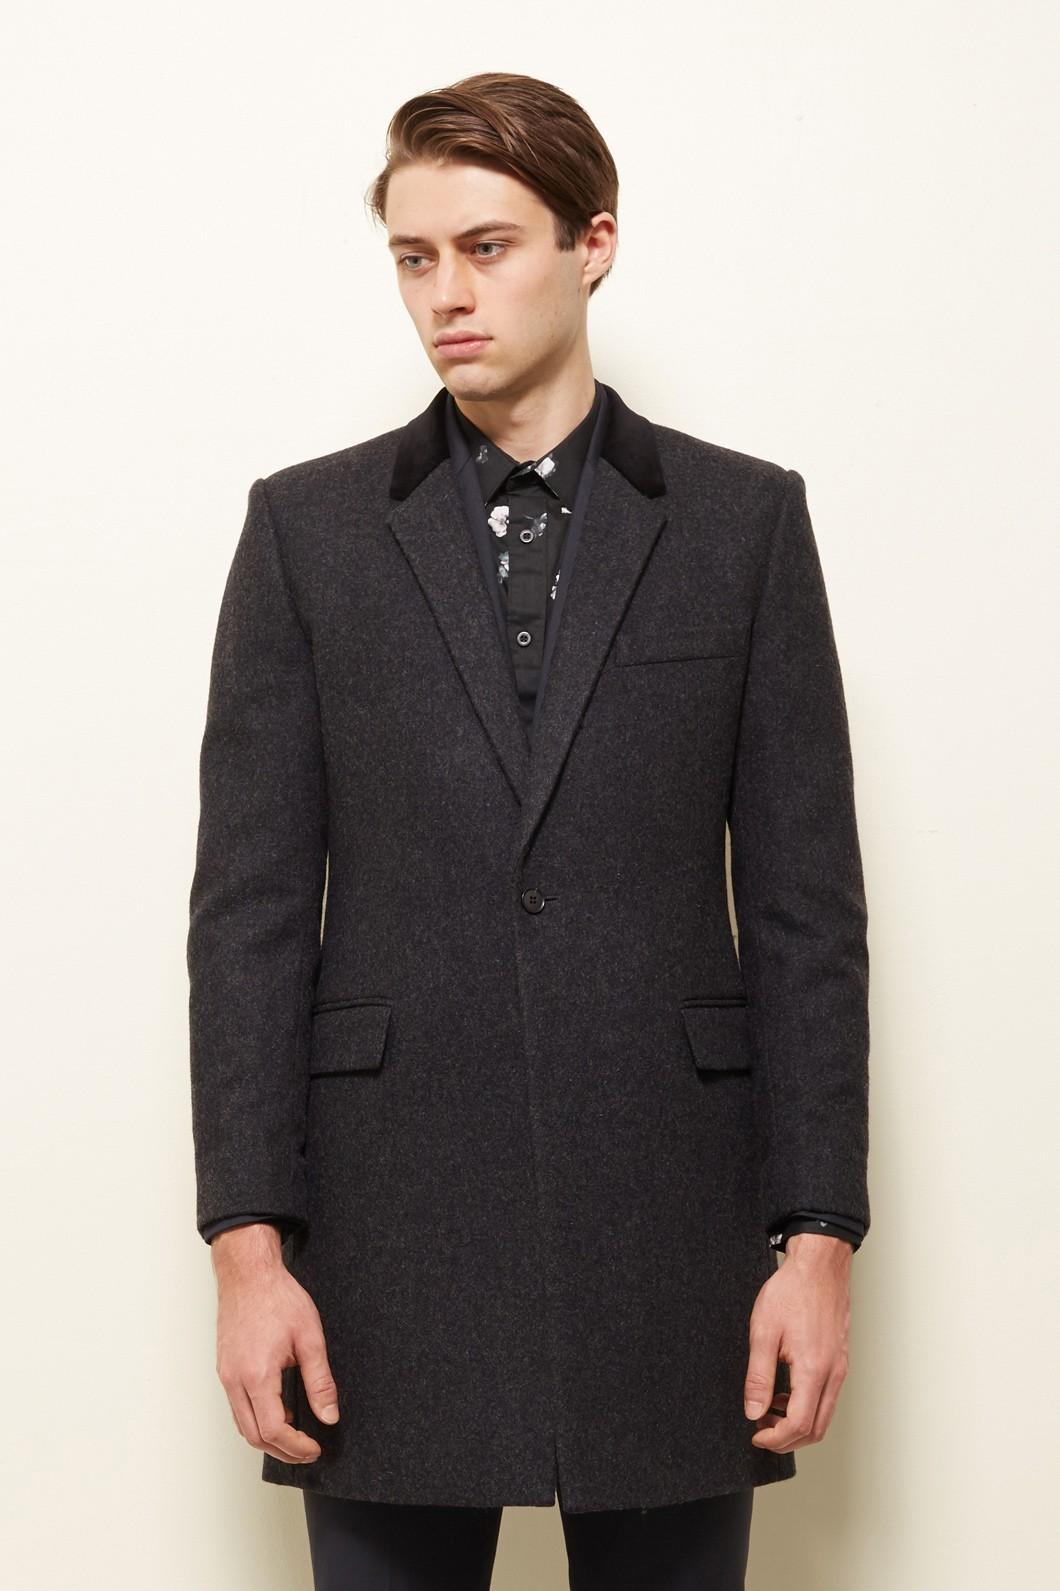 Cappotto classico bordeaux, colletto, un solo bottone a